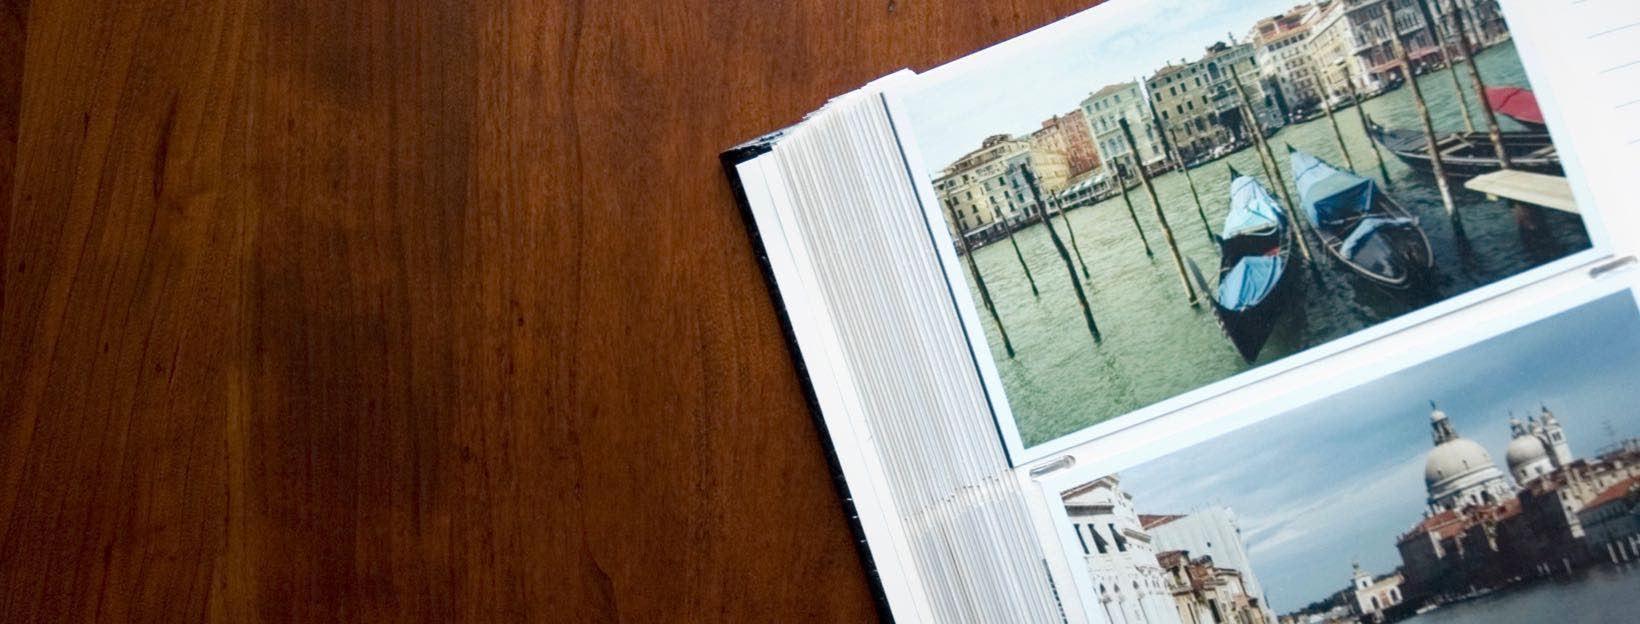 Tipps fürs Fotobuch: Fotoalbum selbst gestalten